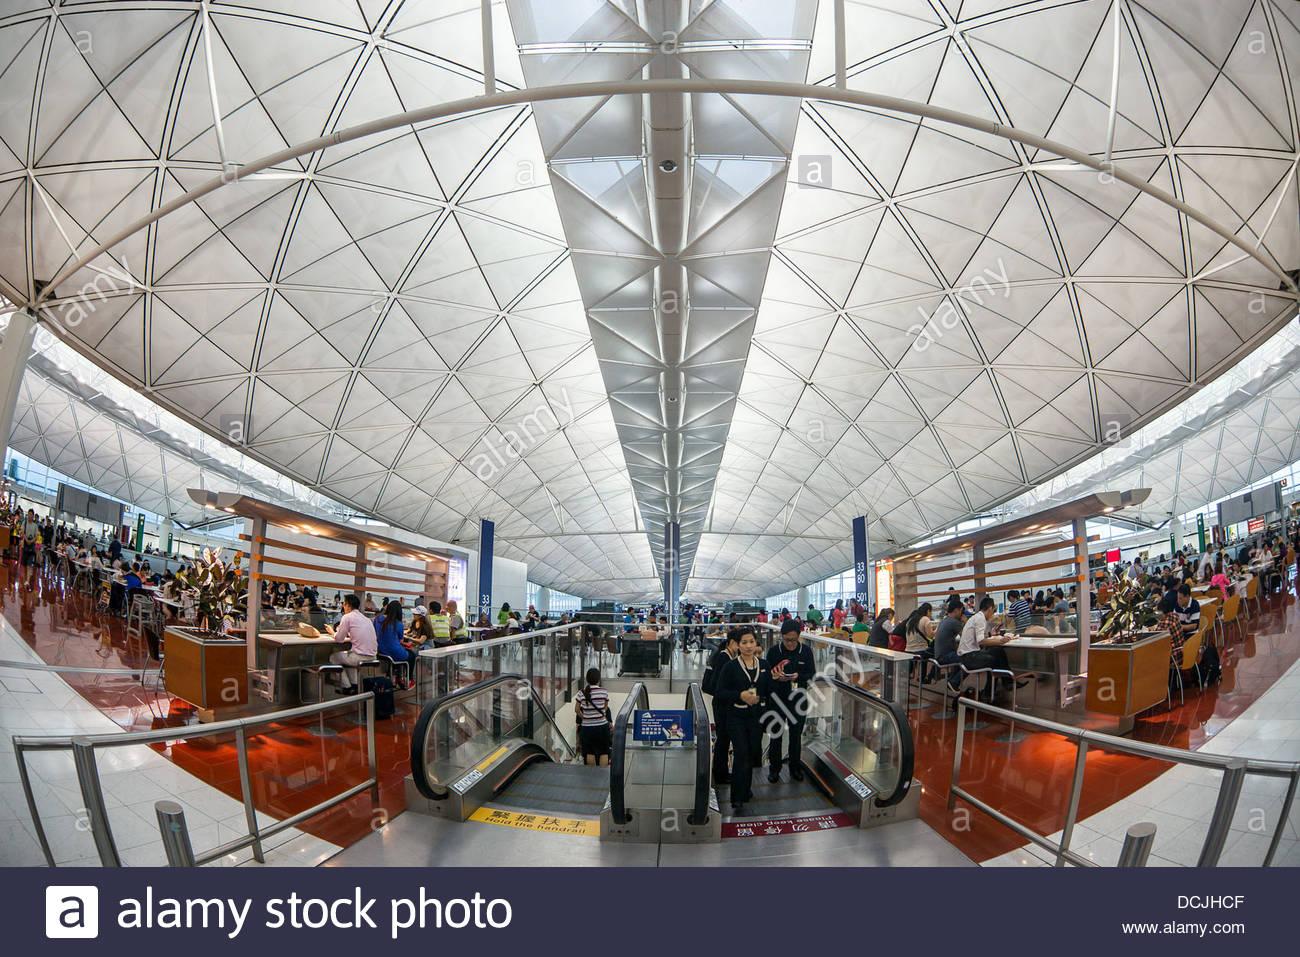 Hong Kong international airport - Stock Image